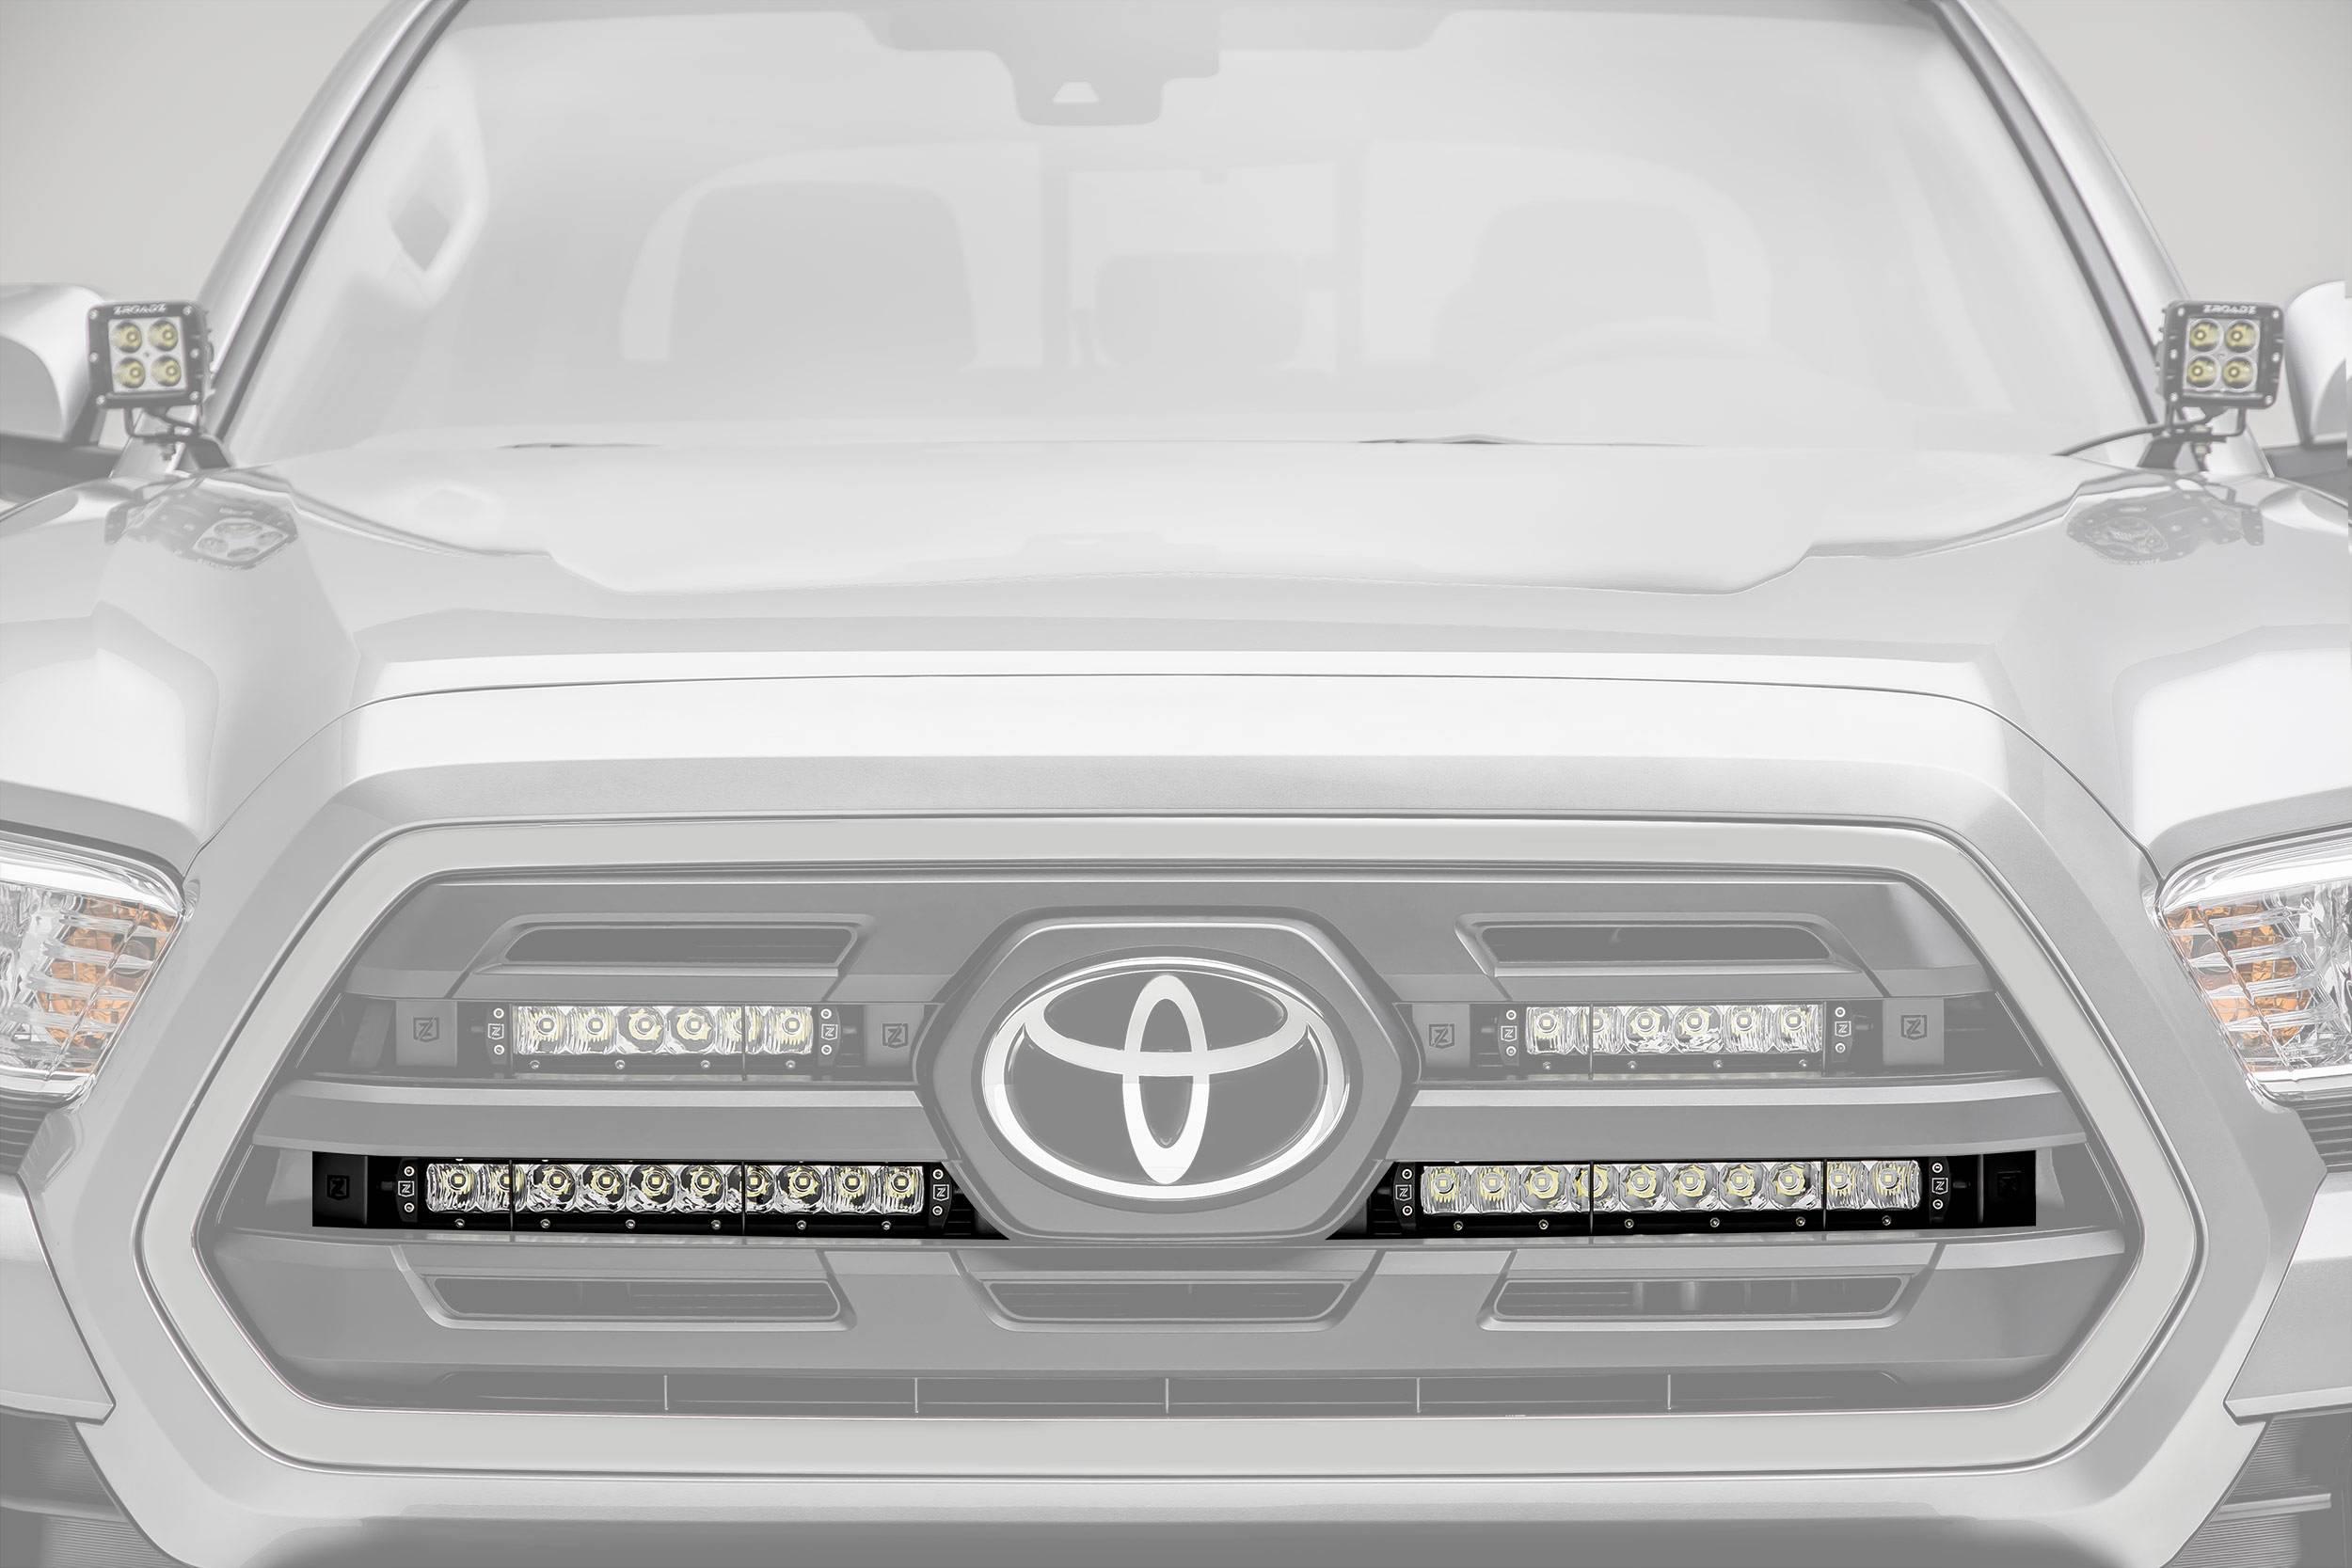 2018-2019 Toyota Tacoma OEM Grille LED Kit, Incl. (2) 10 Inch LED Single Row Slim Light Bars - PN #Z419611-KIT